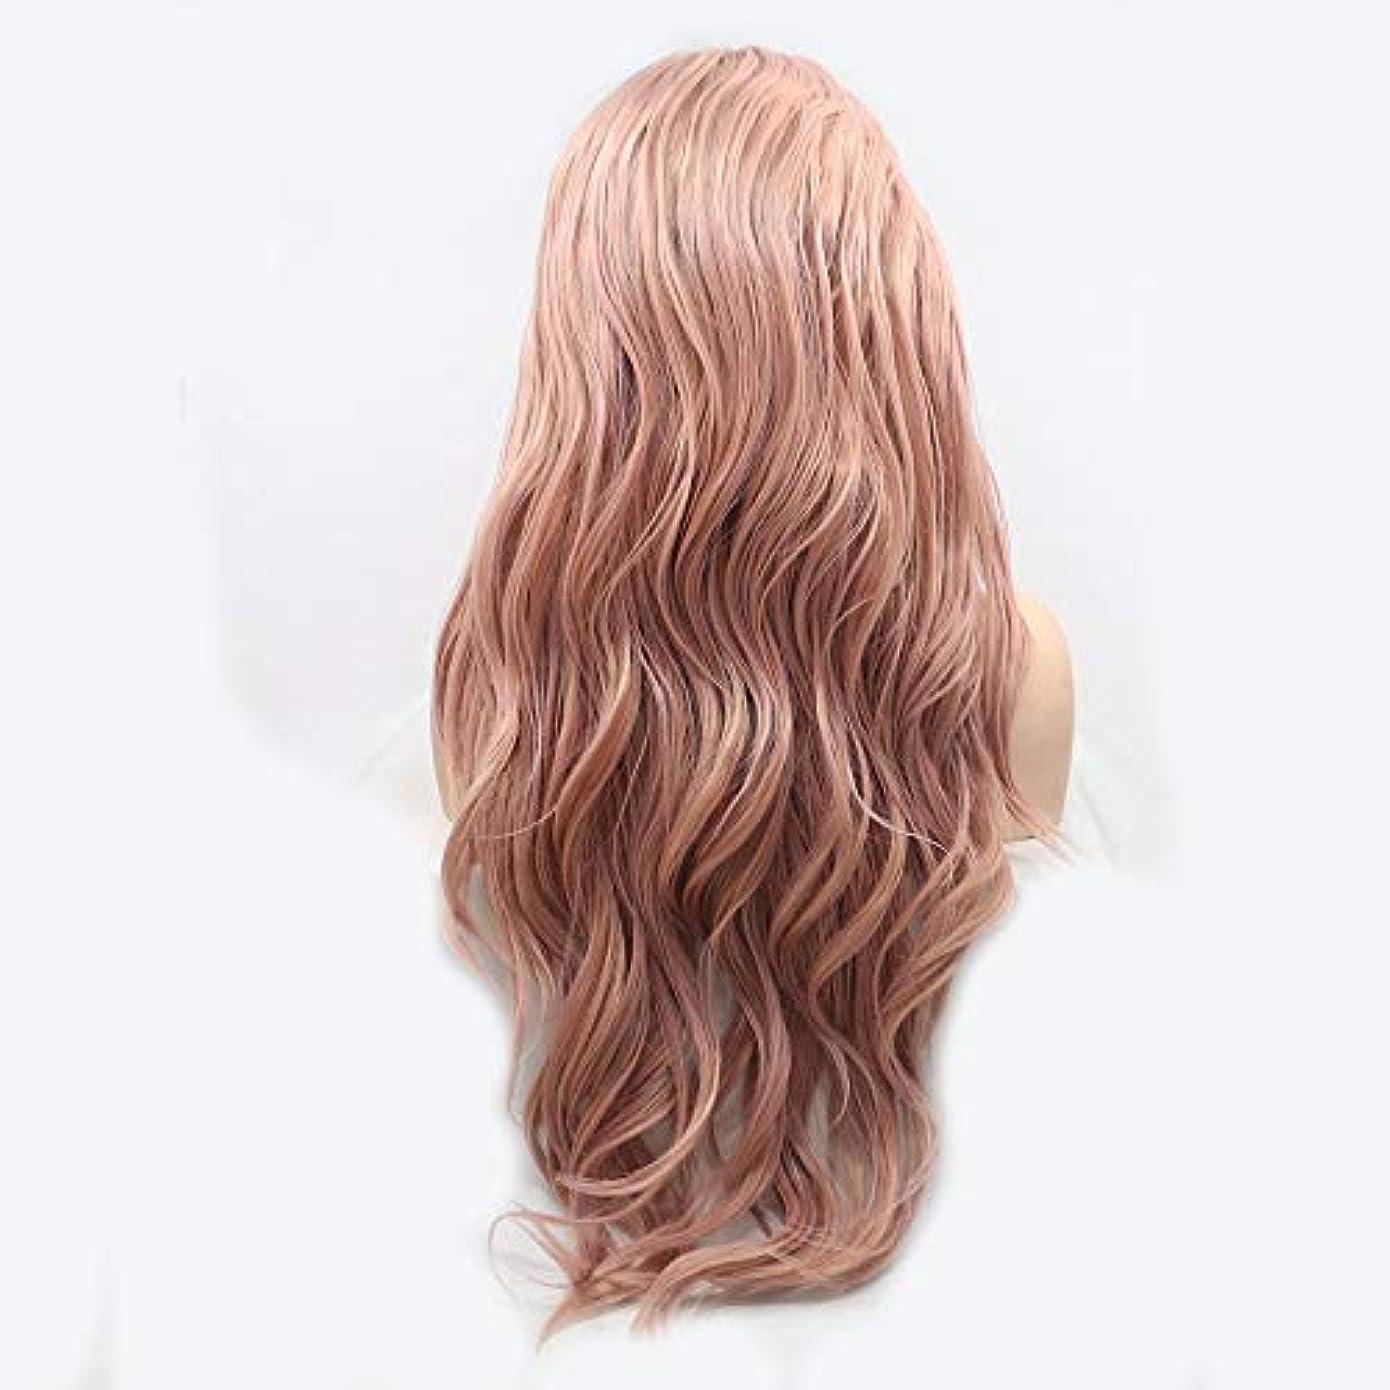 和スペクトラム精度HAILAN HOME-かつら ピンクのグラデーションイオンホットForesightful髪カーリーヘアウィッグレディース手作りのレースのヨーロッパとアメリカのウィッグセットウィッグセットナチュラルグラフィック換気